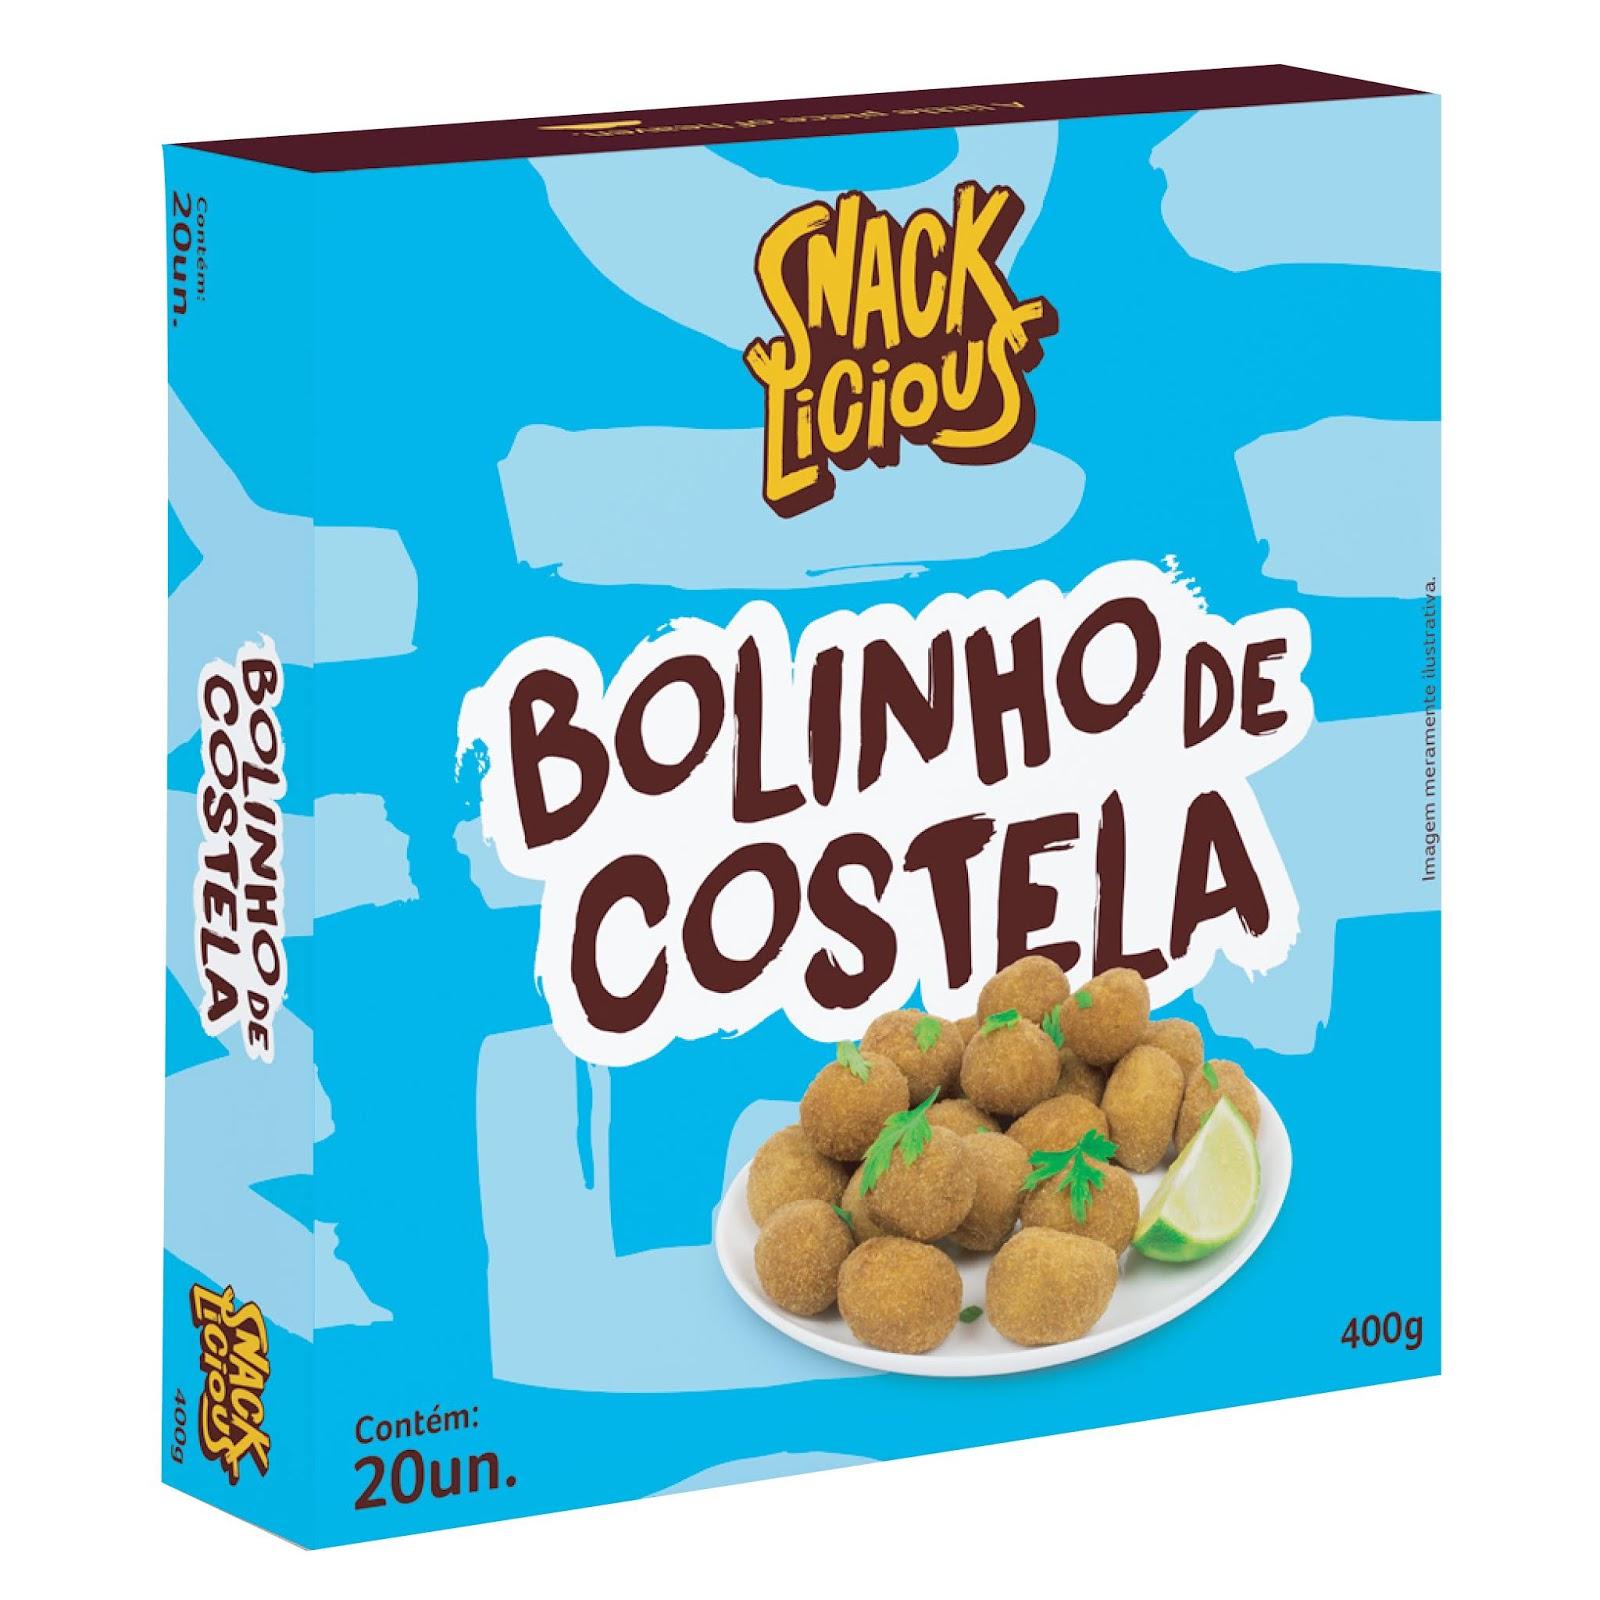 marca de snacks de brasileiros chega ao brasil